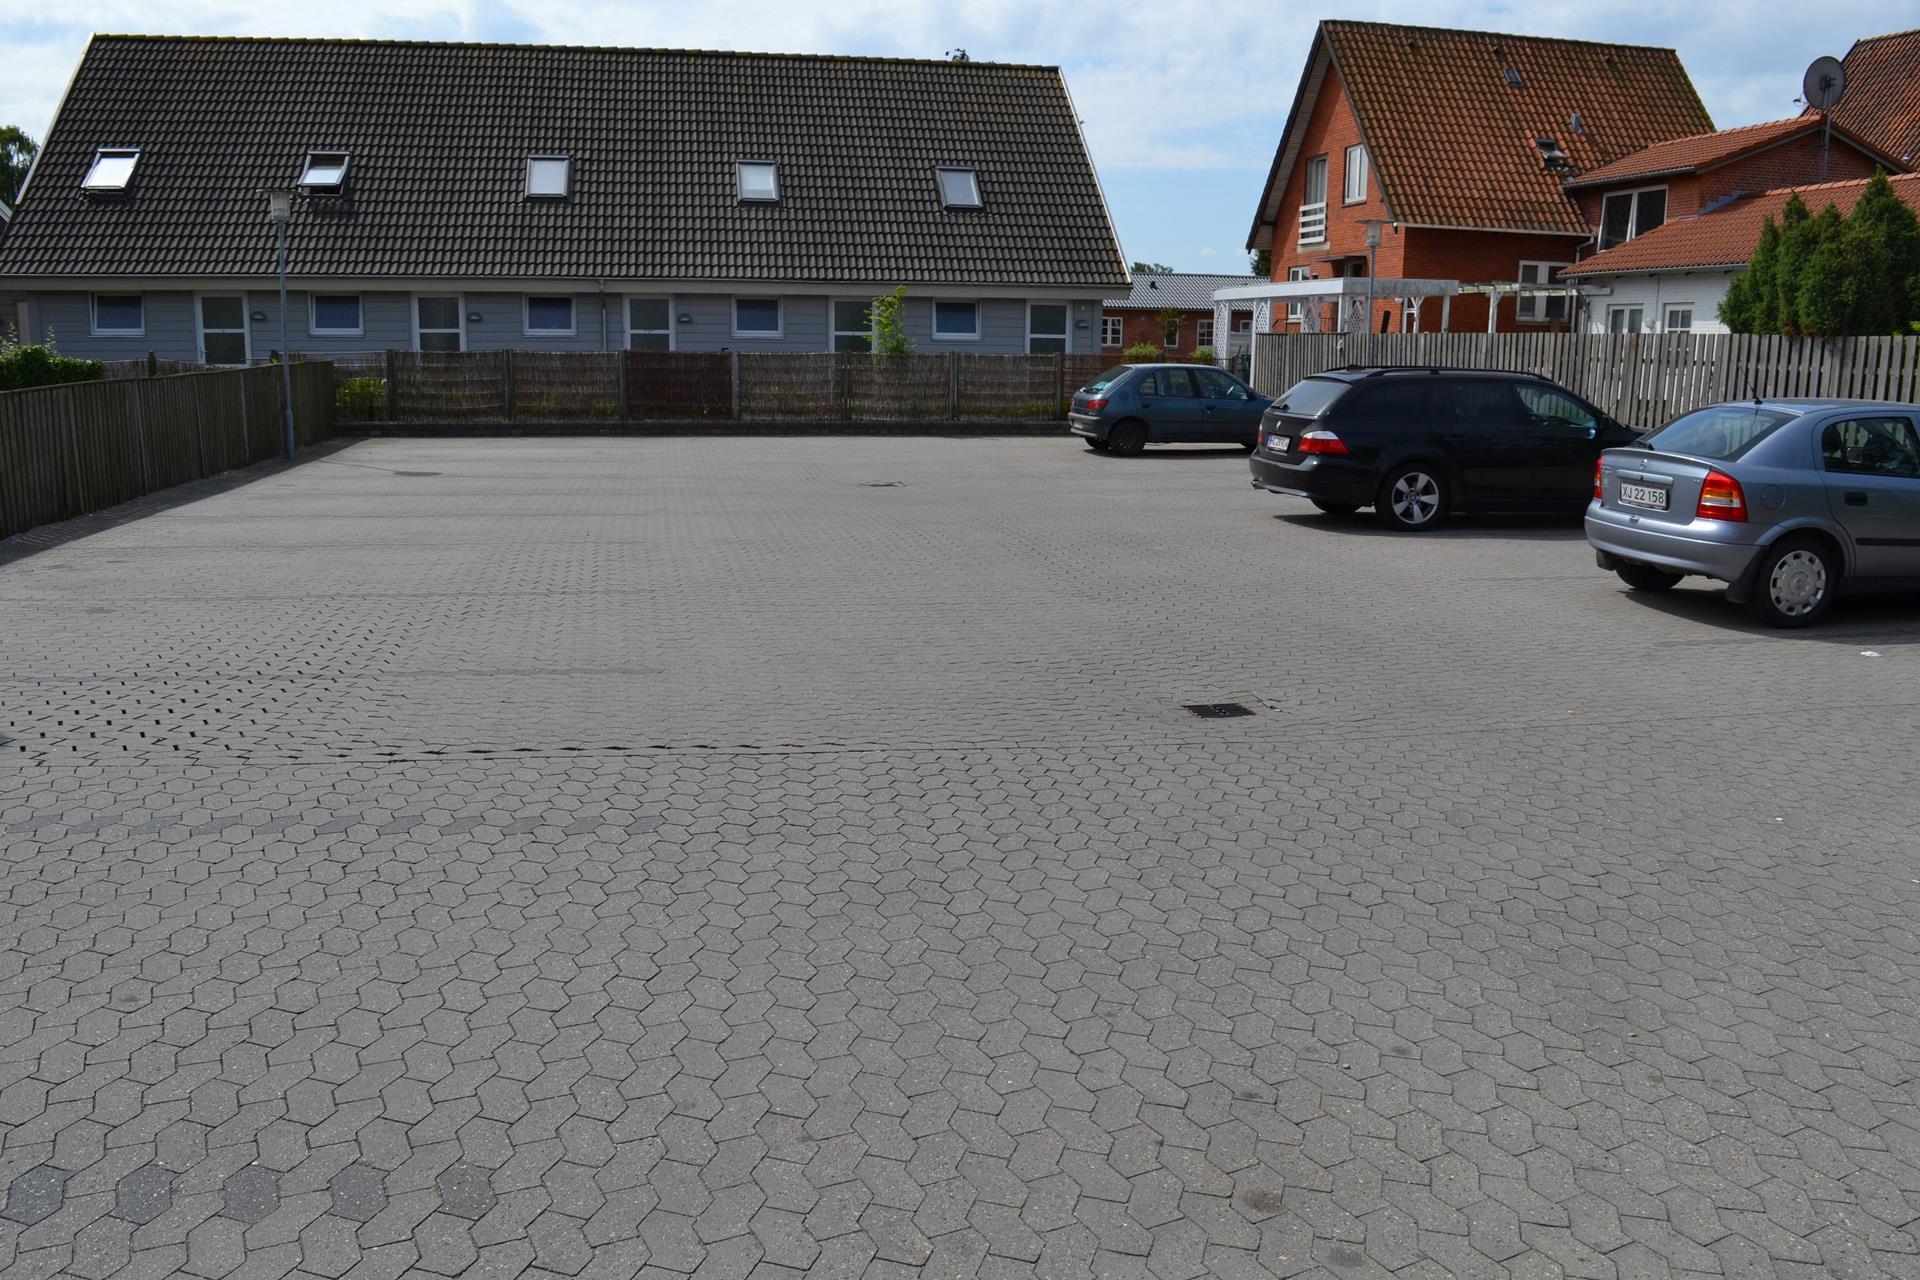 Boligudlejning på Søndergade i Otterup - Parkeringsplads